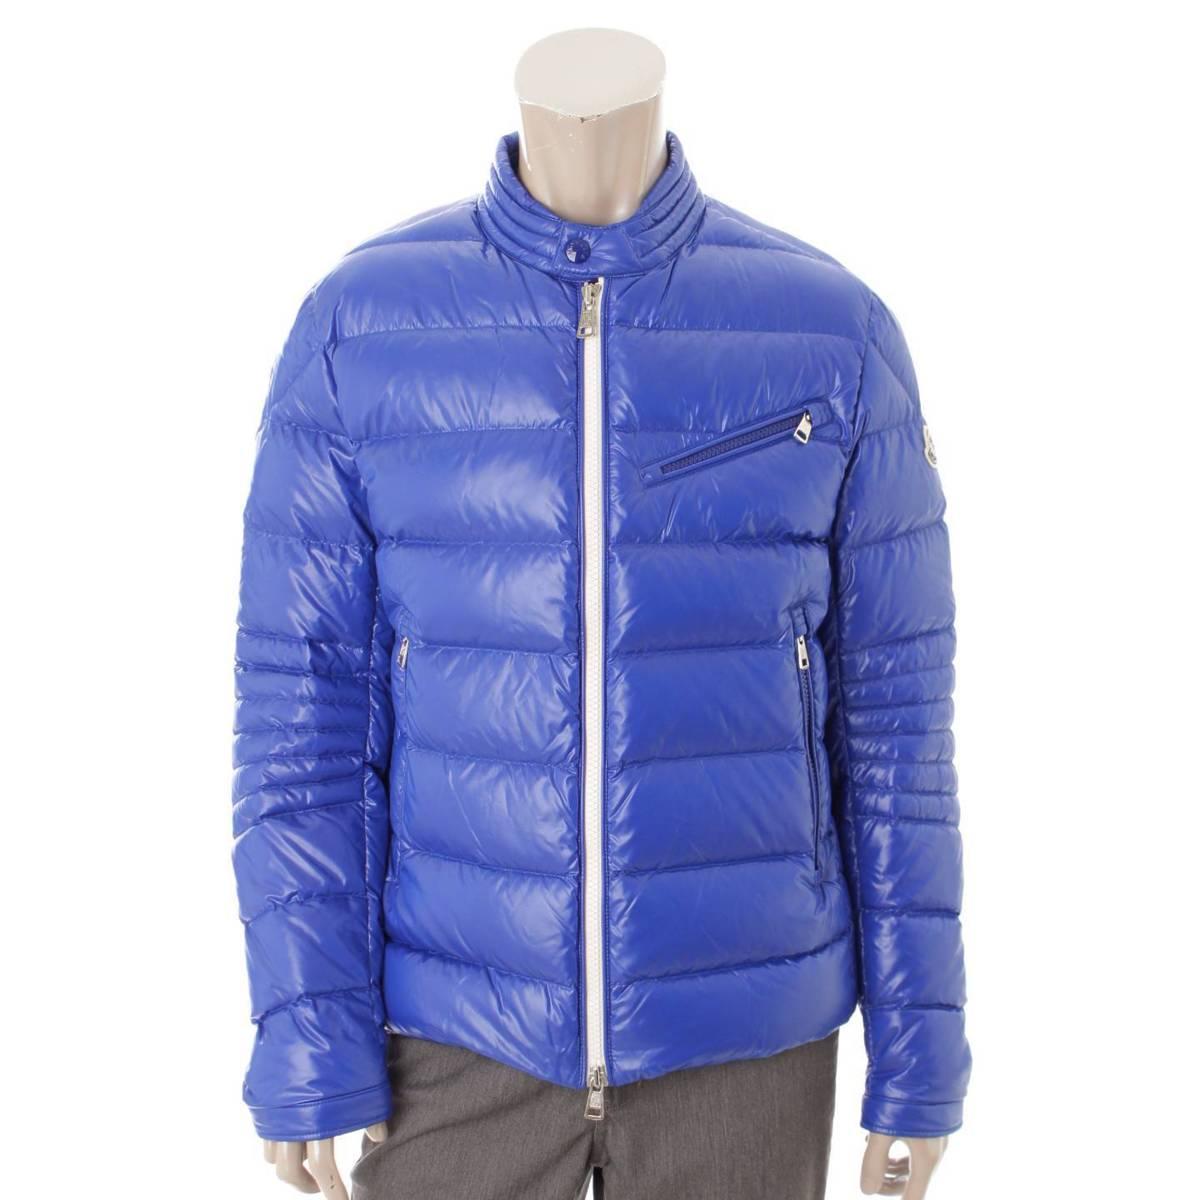 【モンクレール】Moncler メンズ BERRIAT ダウンジャケット 40916 ブルー 3 【中古】【鑑定済・正規品保証】86629